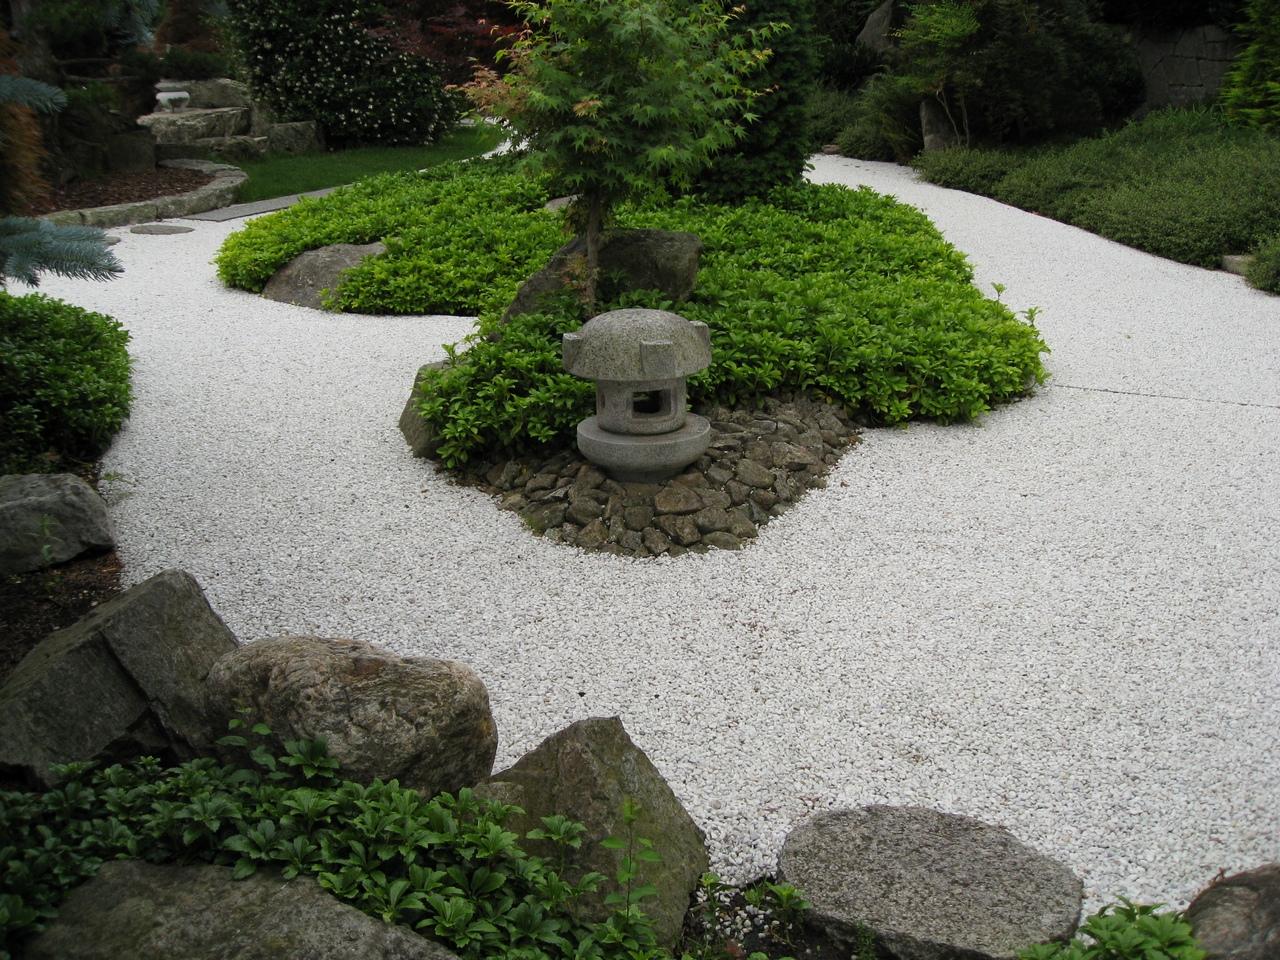 Senderos y caminos de piedras en el jard n for Jardines con madera y piedra